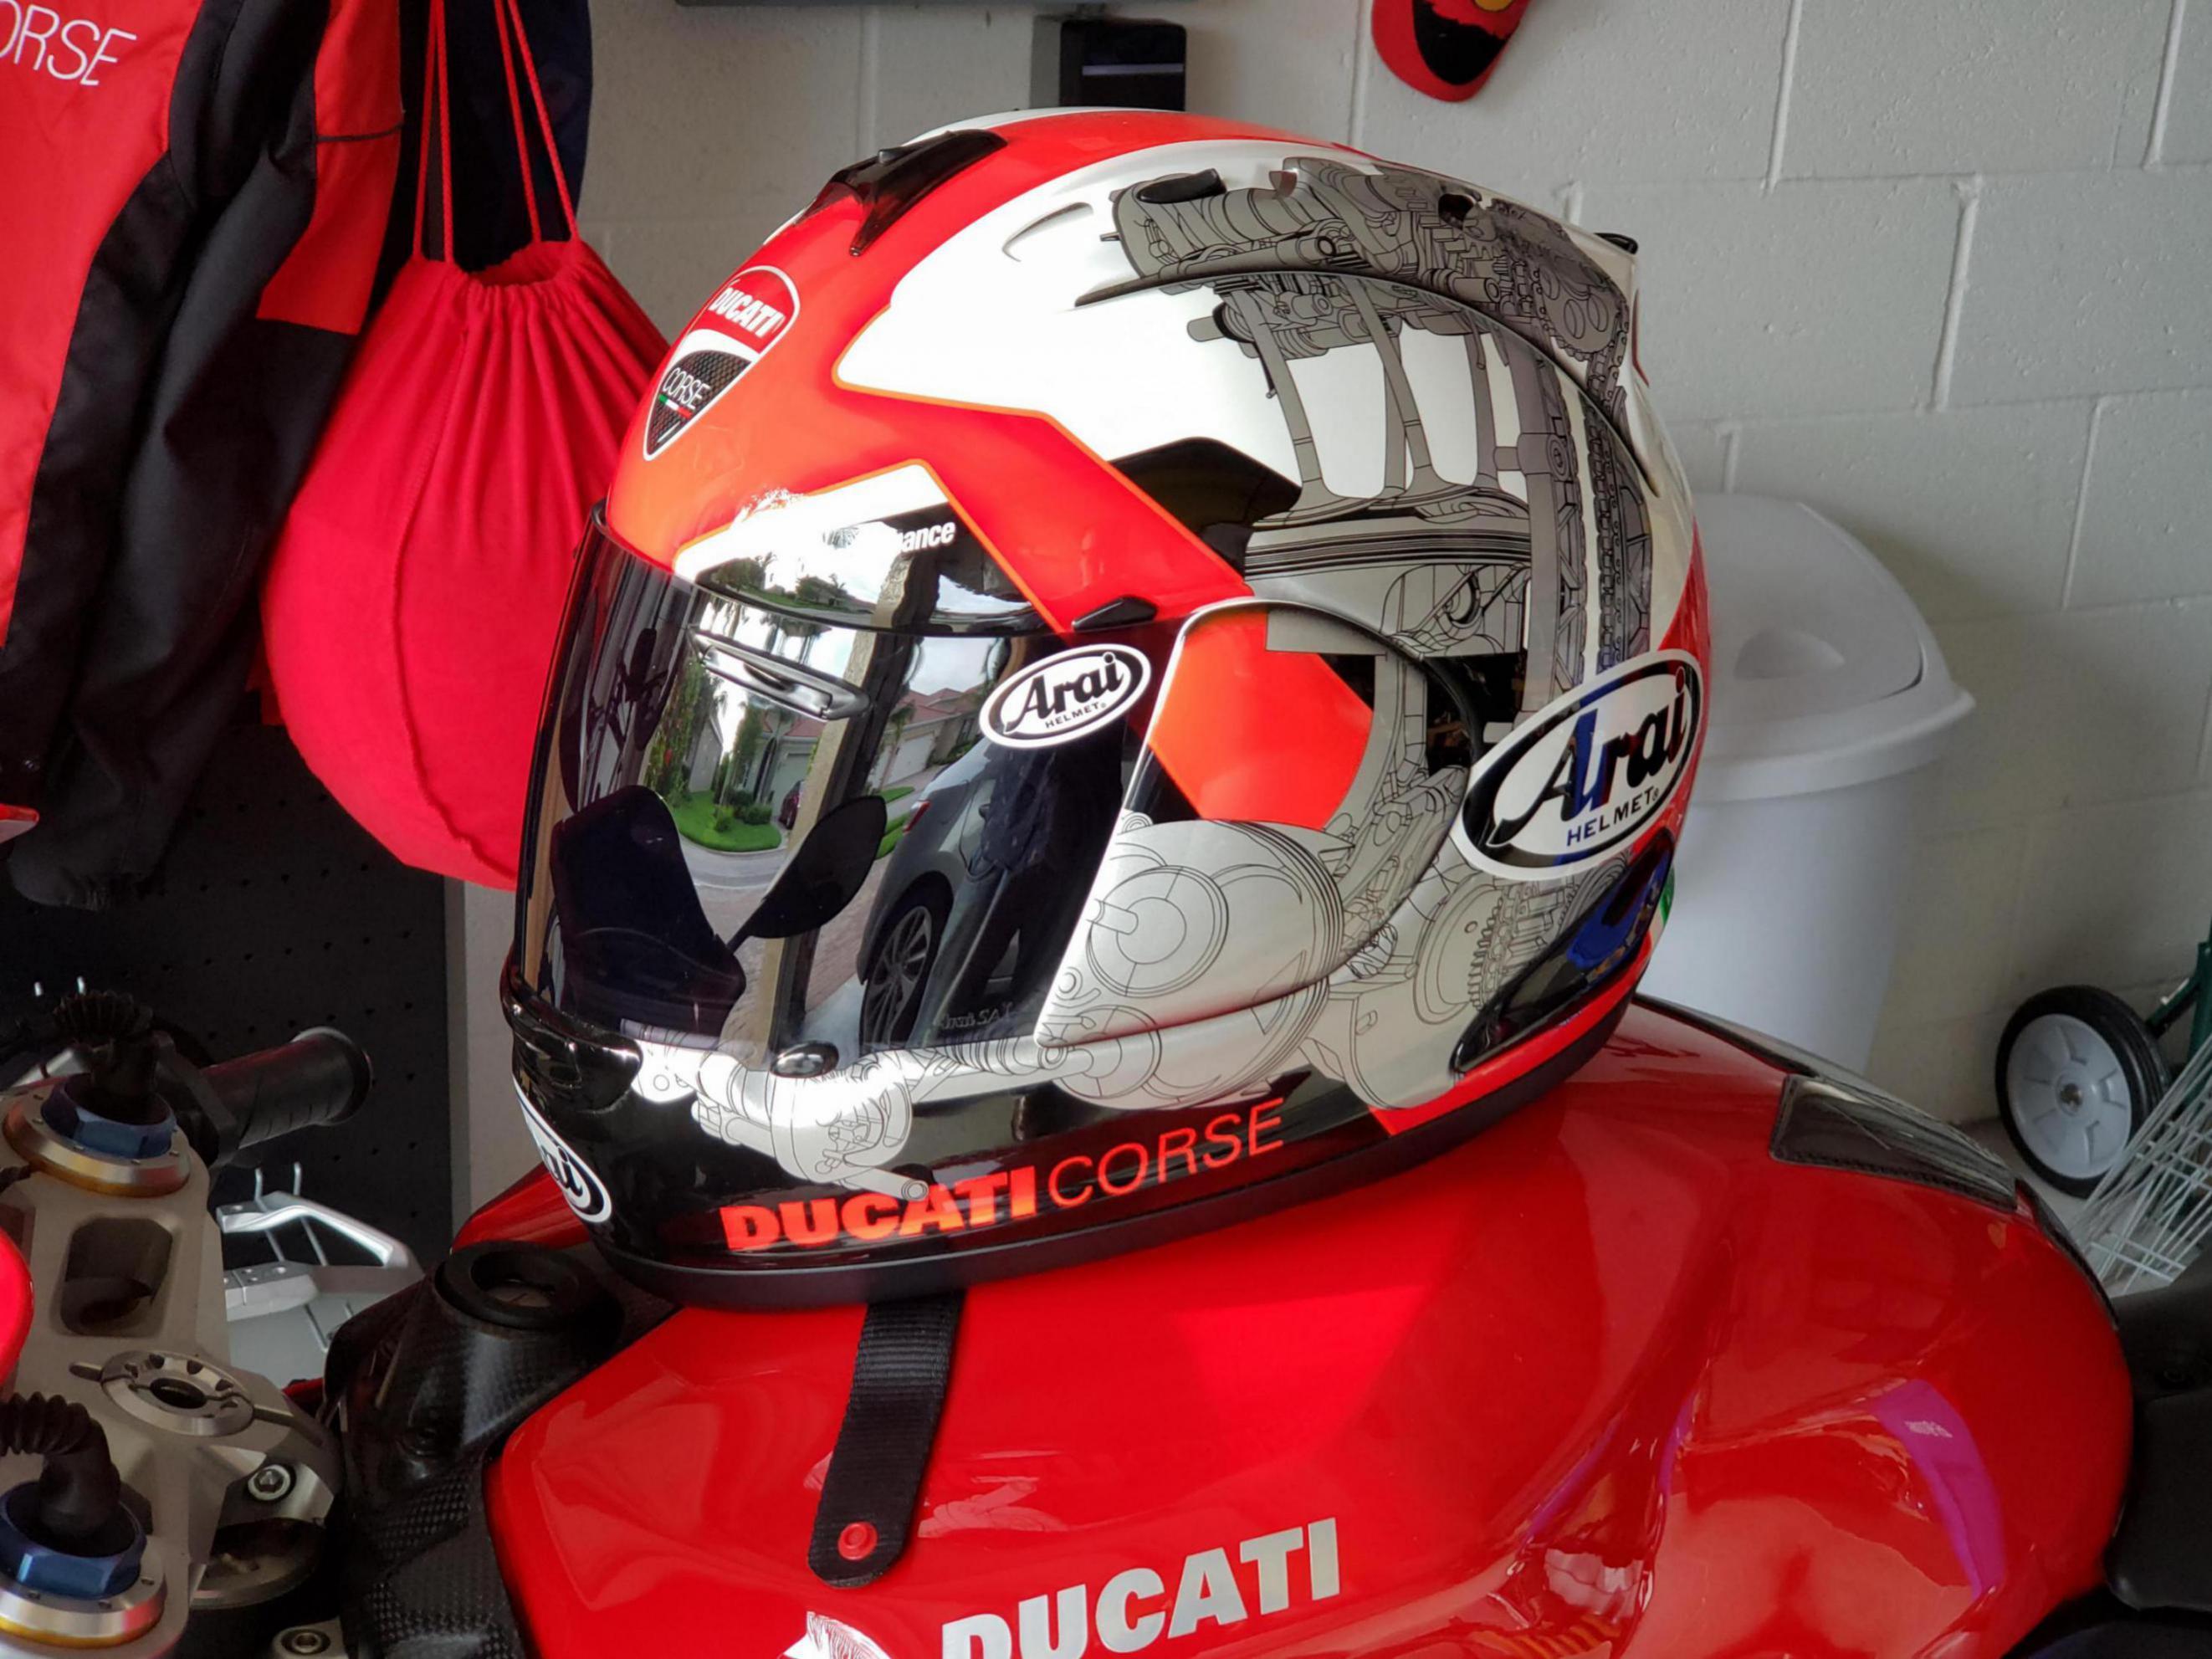 Arai Corse Vector / Ducati*-20180531_185615_1527819594251.jpg